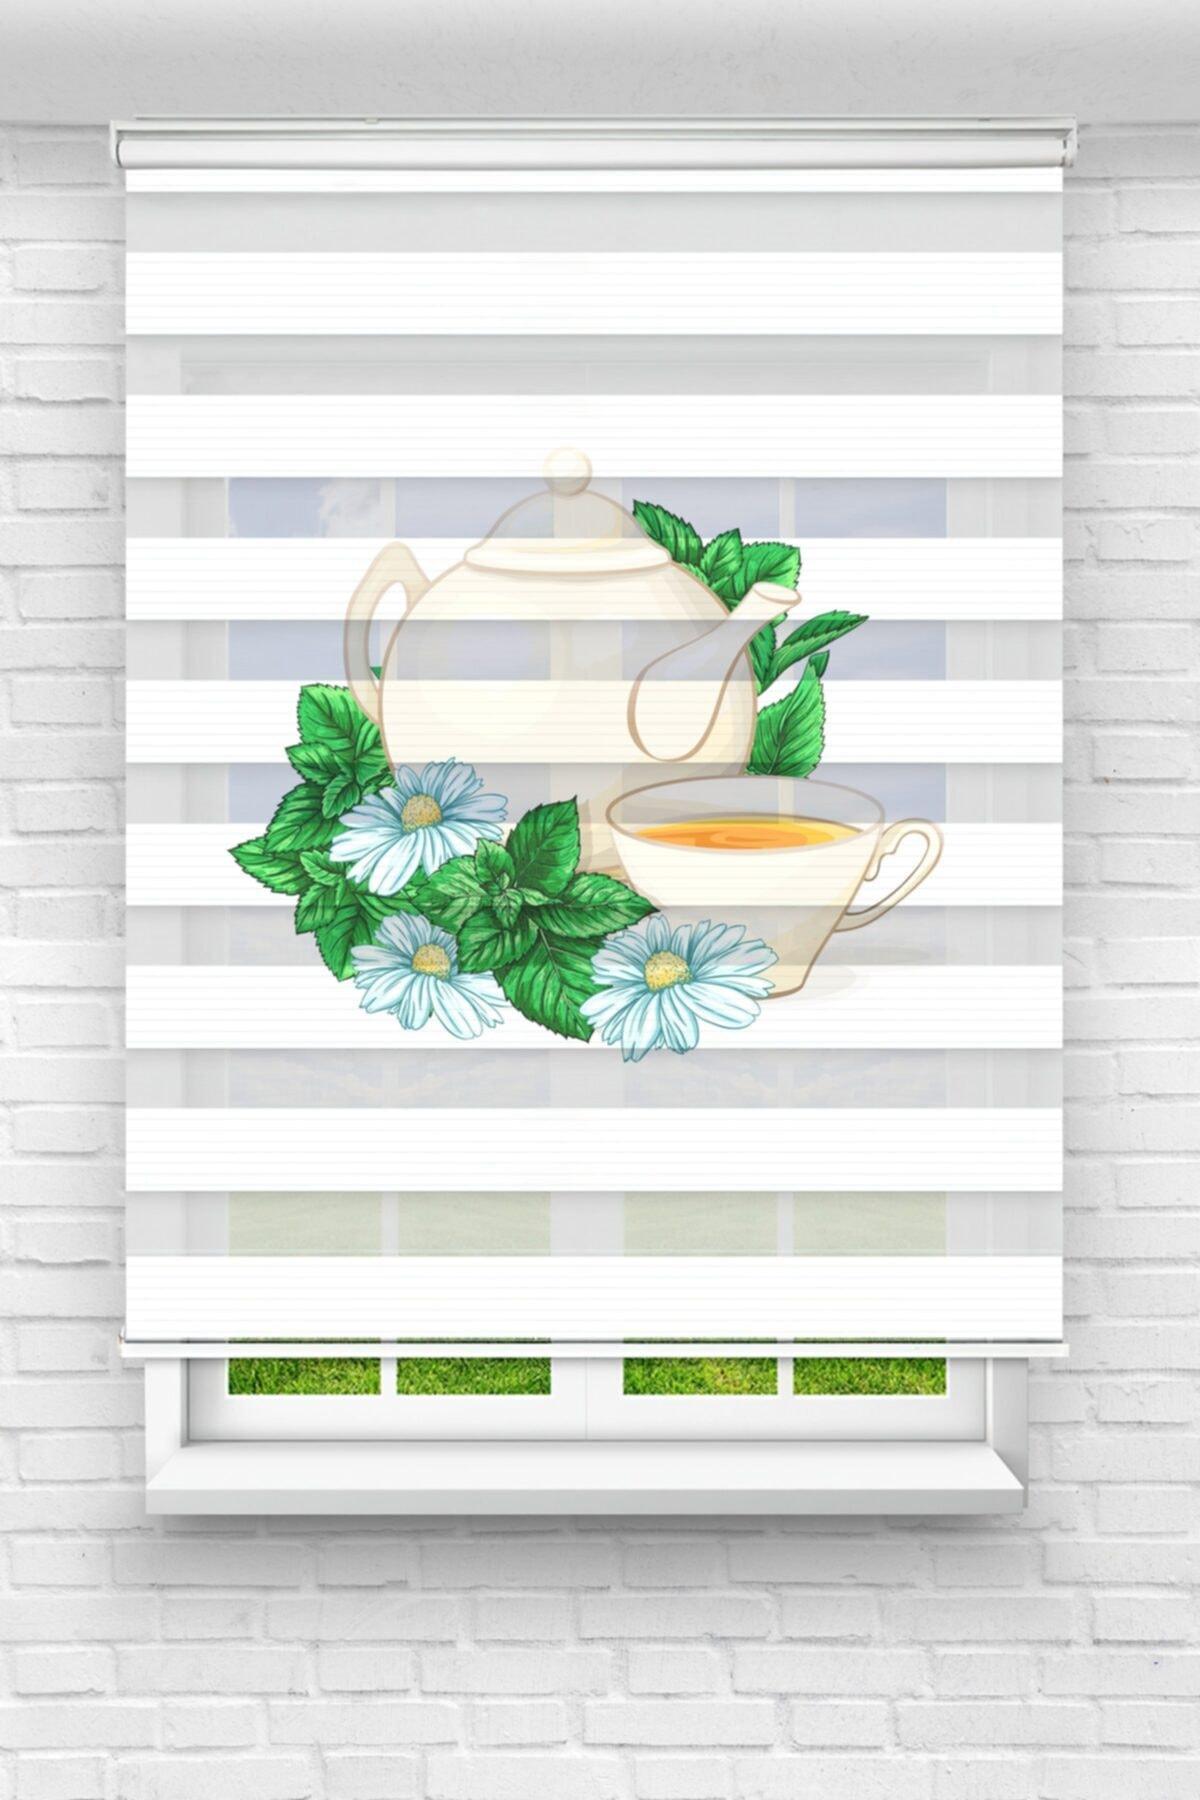 Yeşil Çay ve Papatyalar Mutfak Stor Zebra Perde